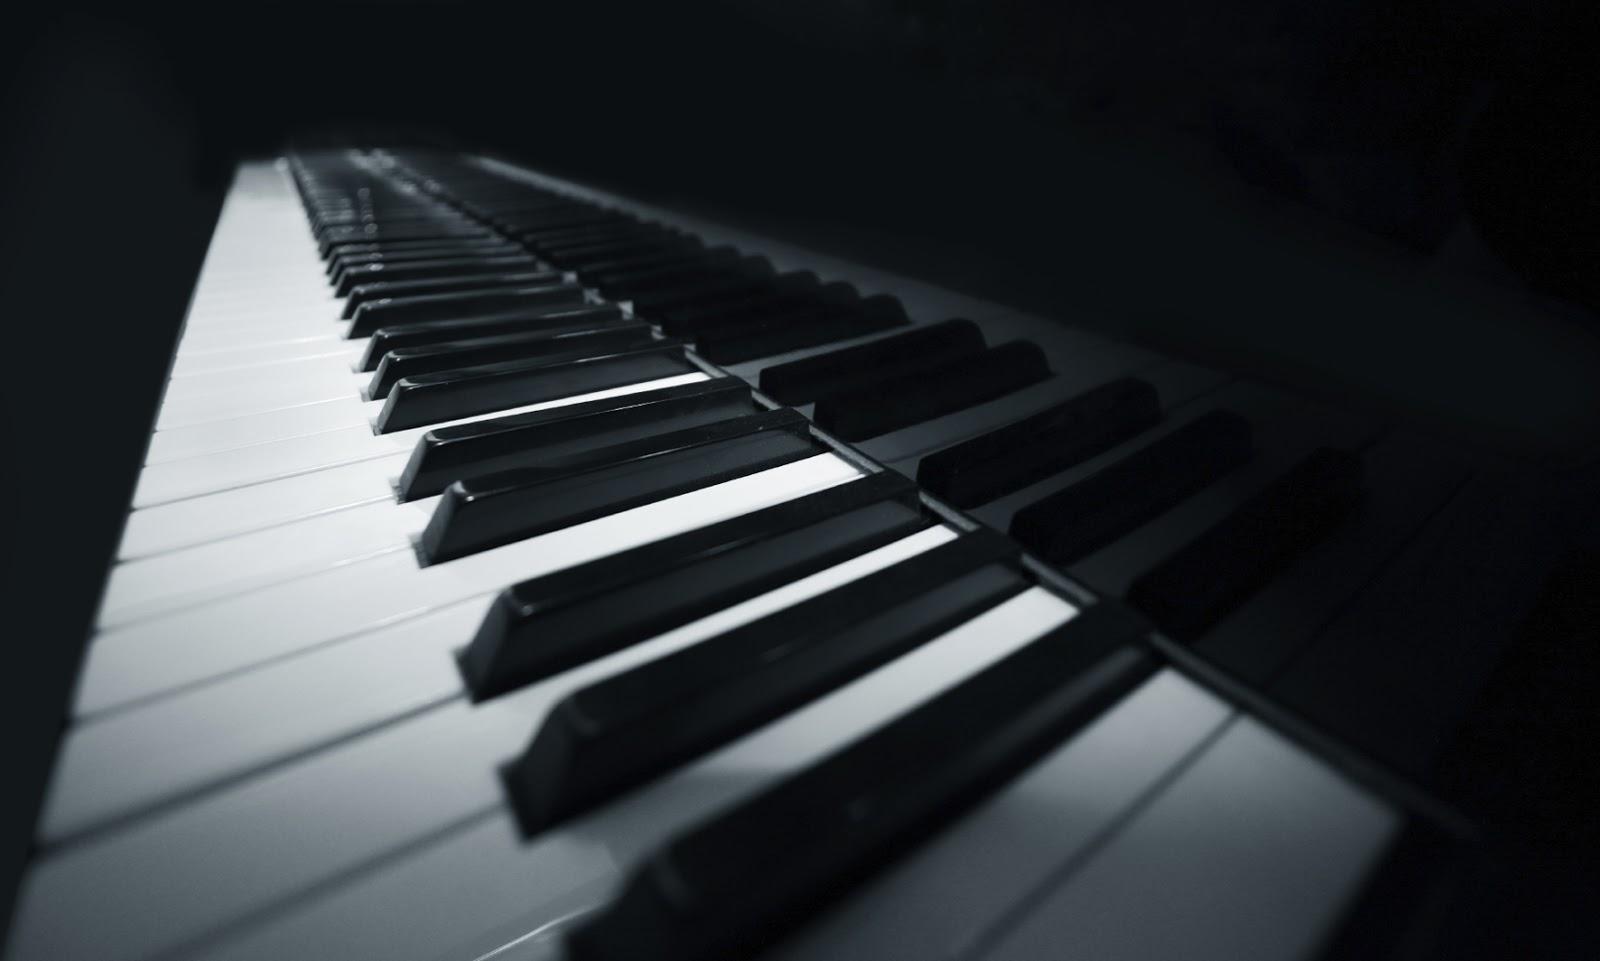 Anuncio sobre los plazos de preinscripción y matrícula para el curso 2013/2014 para la Escuela de Música de La Laguna